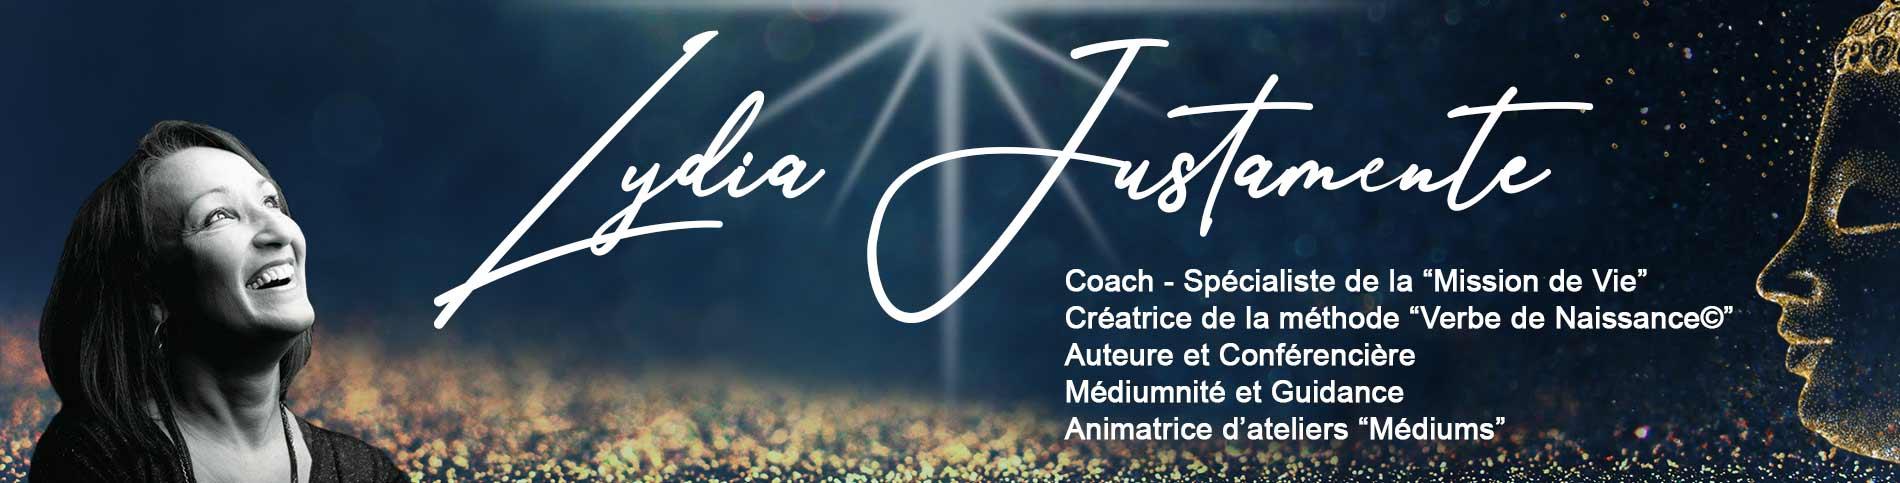 """Lydia Justamente Médium - Coach spécialiste de la """"Mission de Vie"""""""